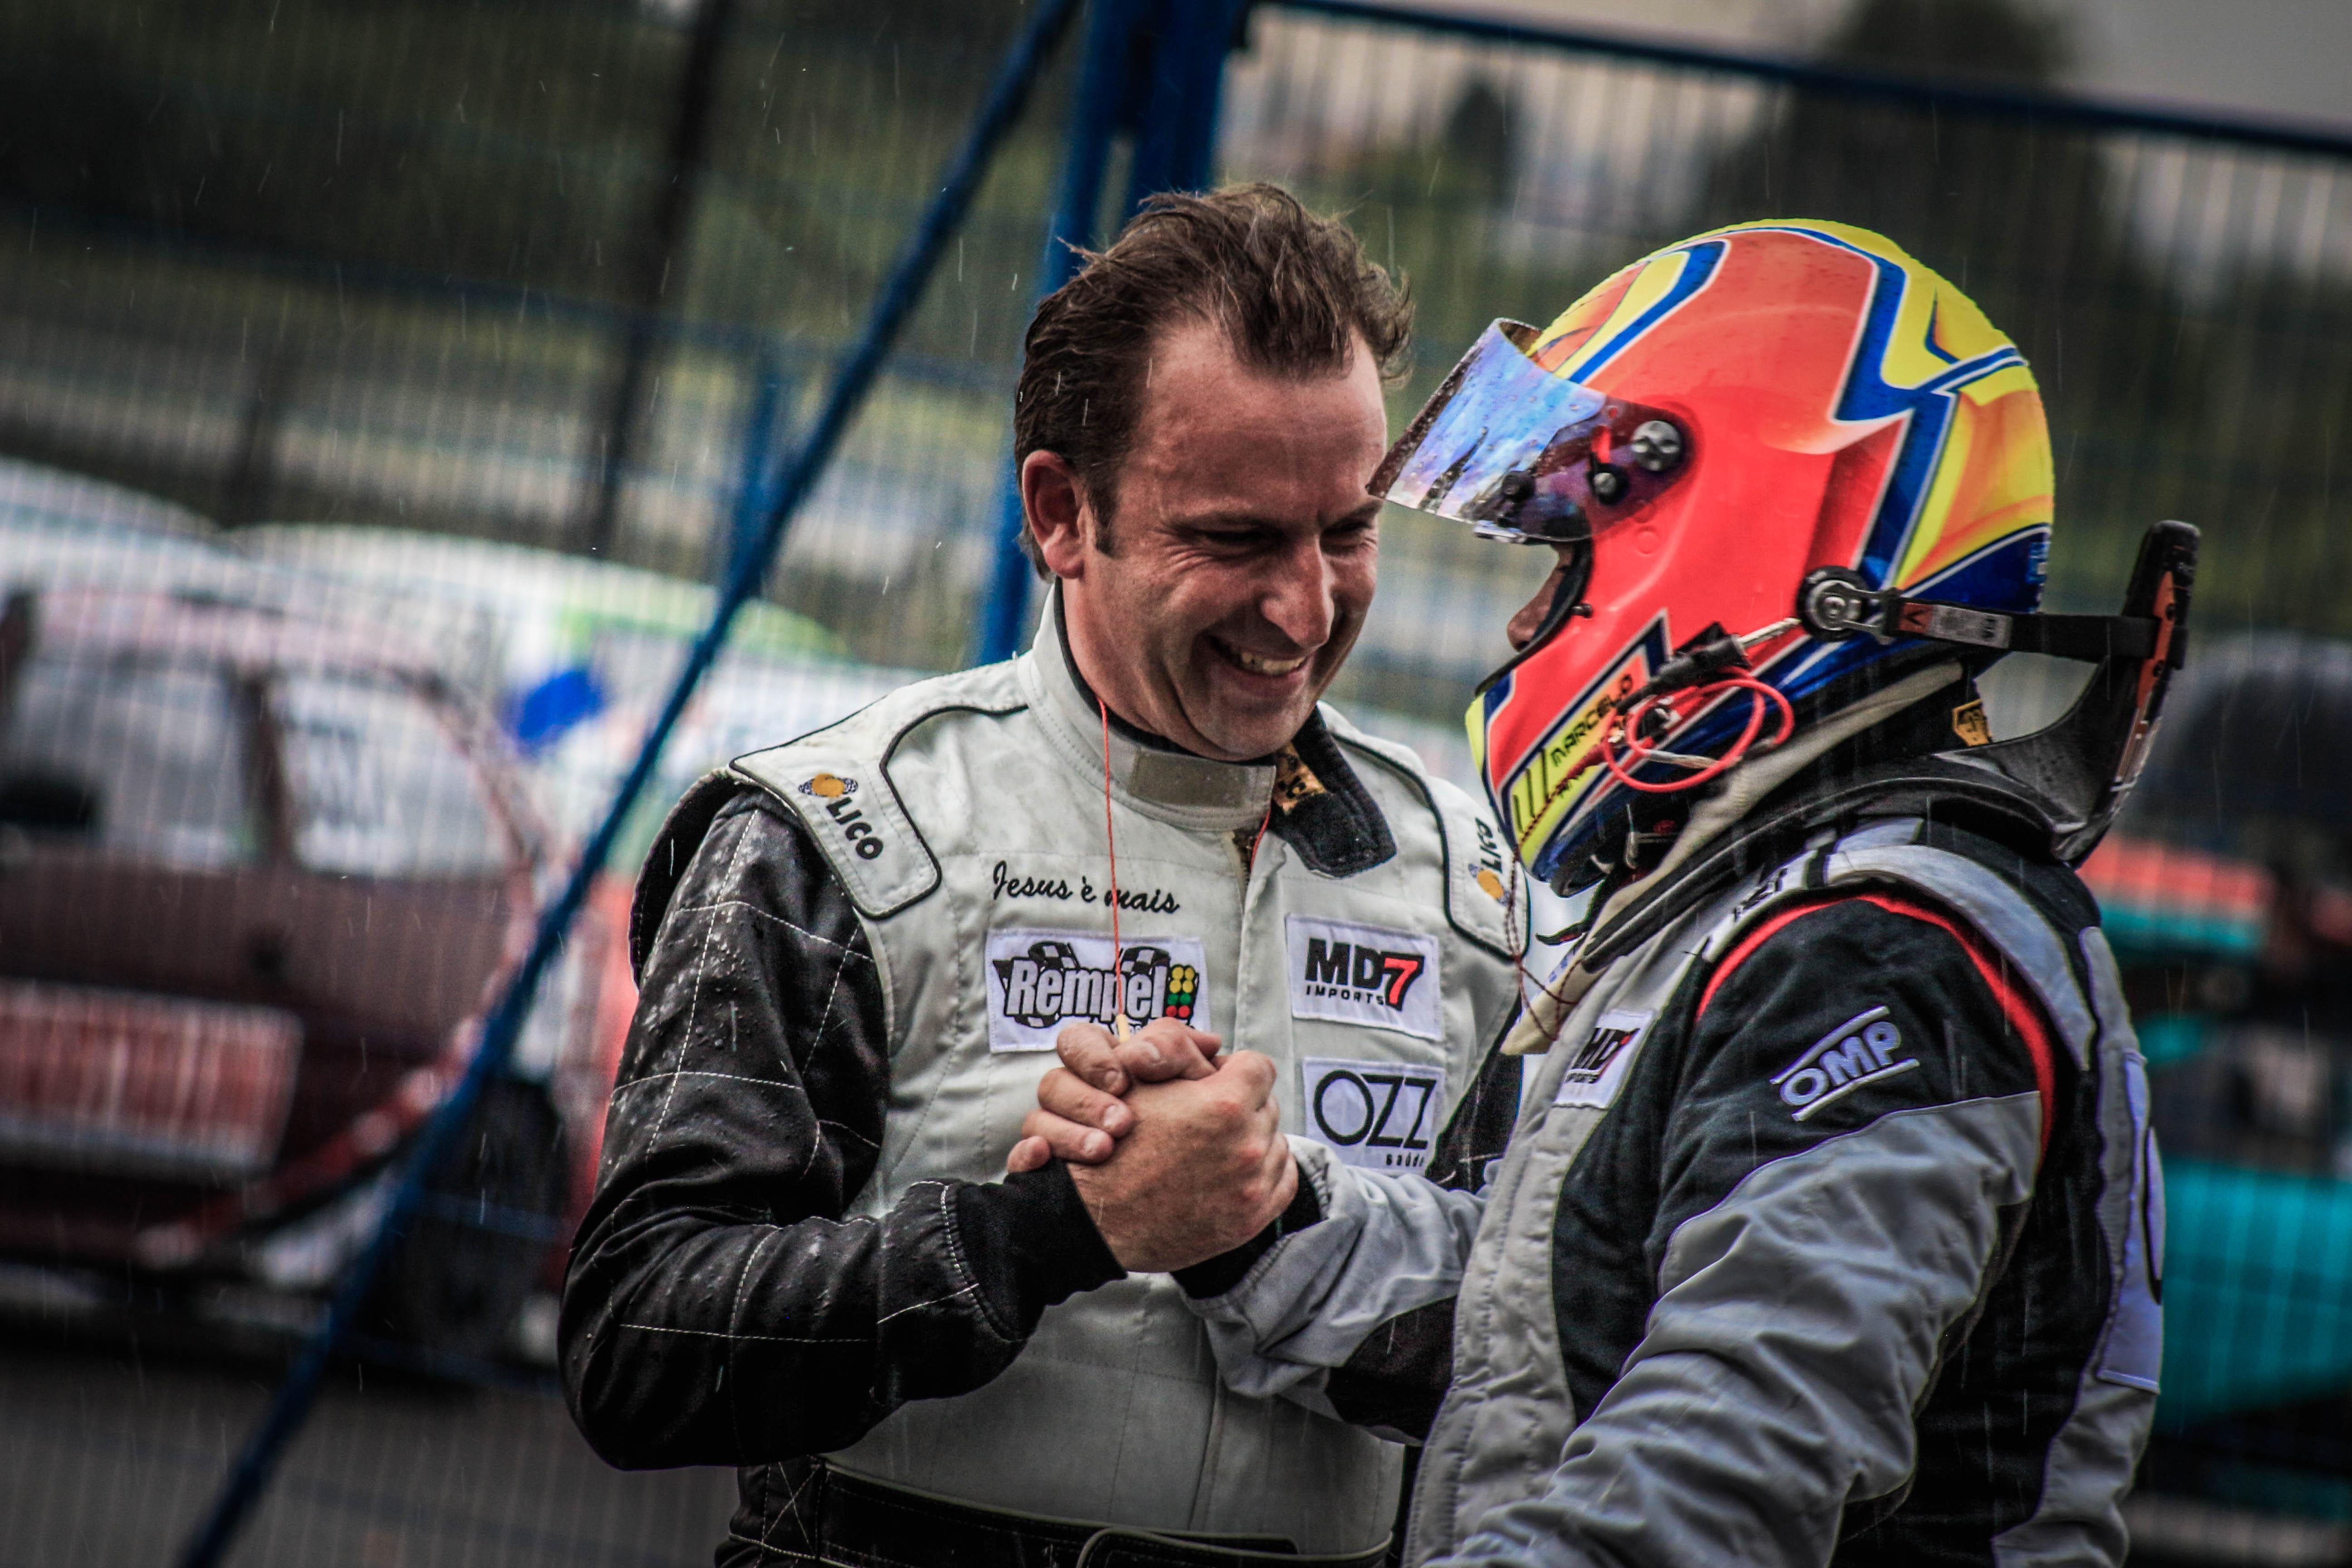 Photo of Marcas e Pilotos – Marcelo Andrade e Emerson Rempel cumprem o objetivo na estréia no Marcas e Pilotos de Curitiba